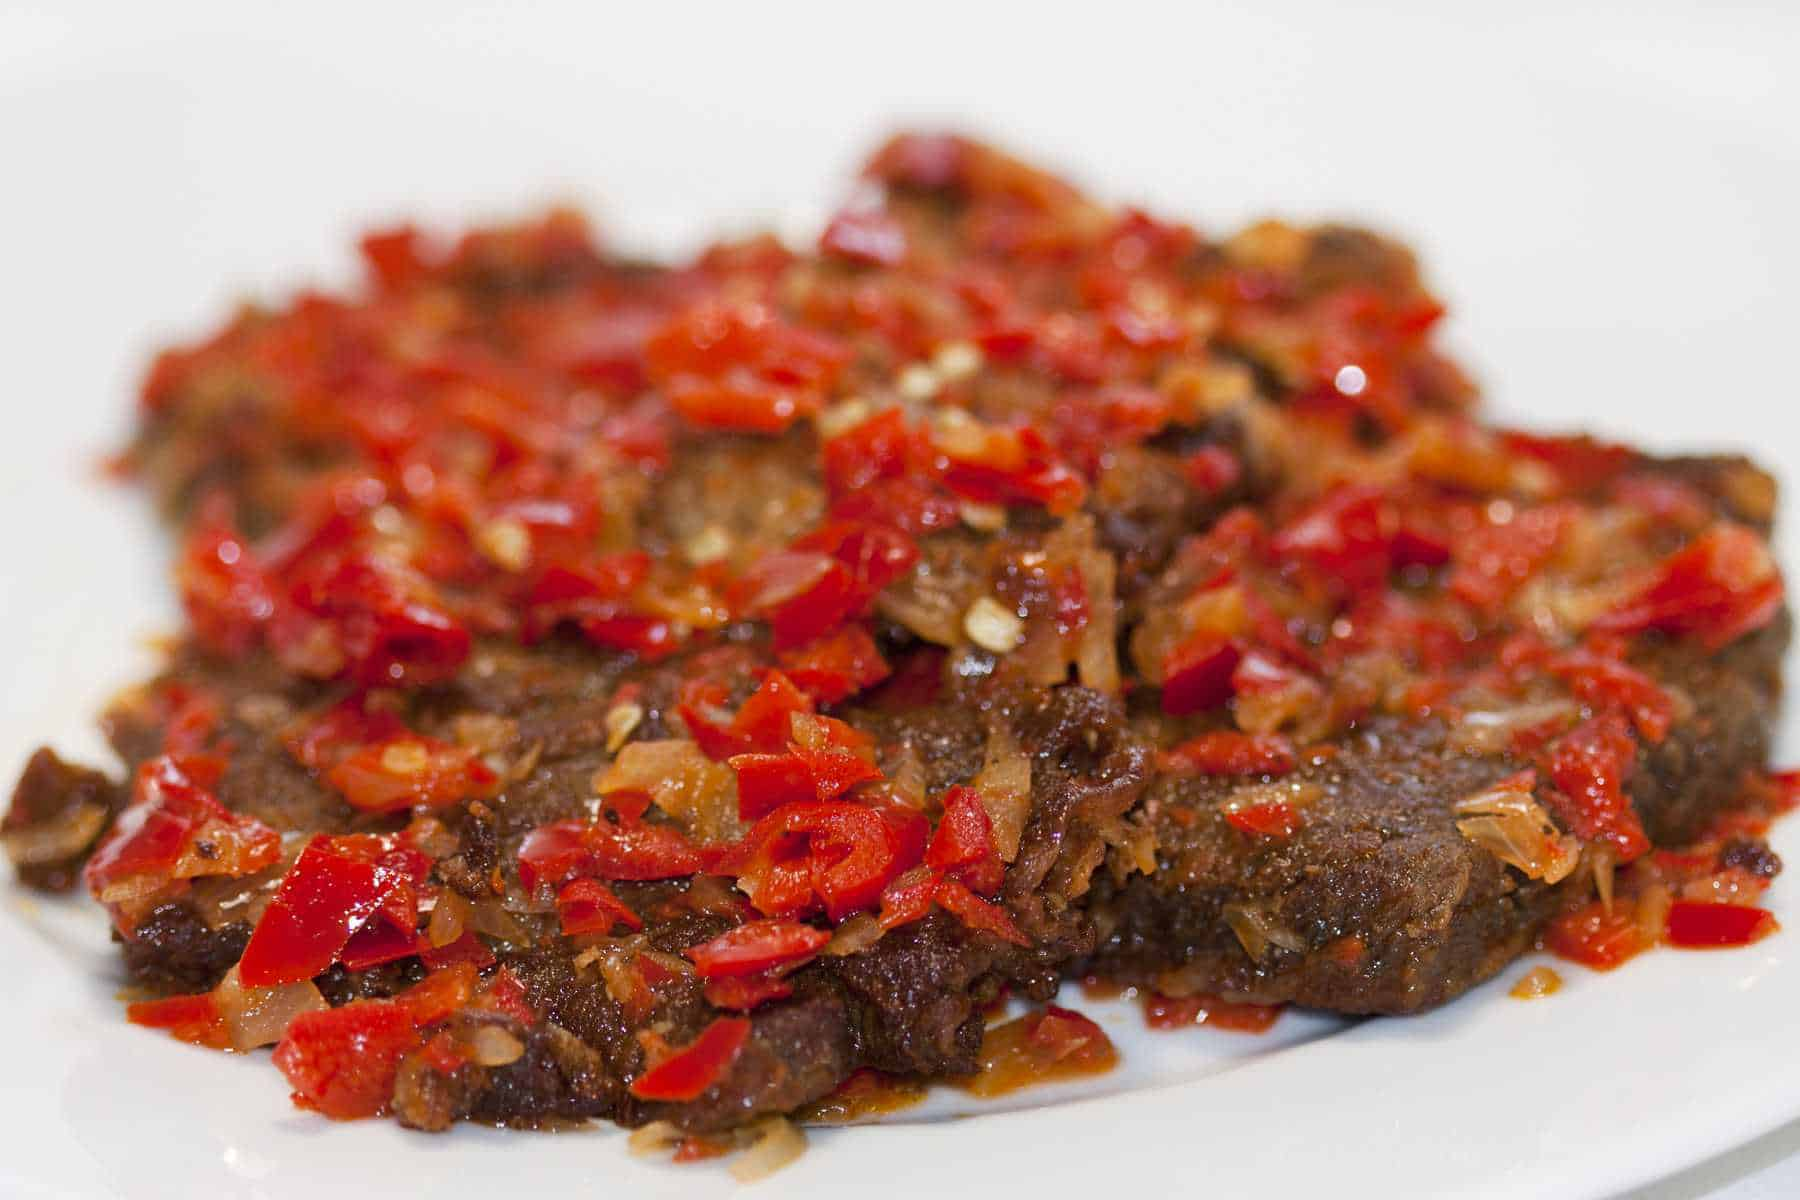 gambar makanan khas sumatera barat Dendeng Batokok